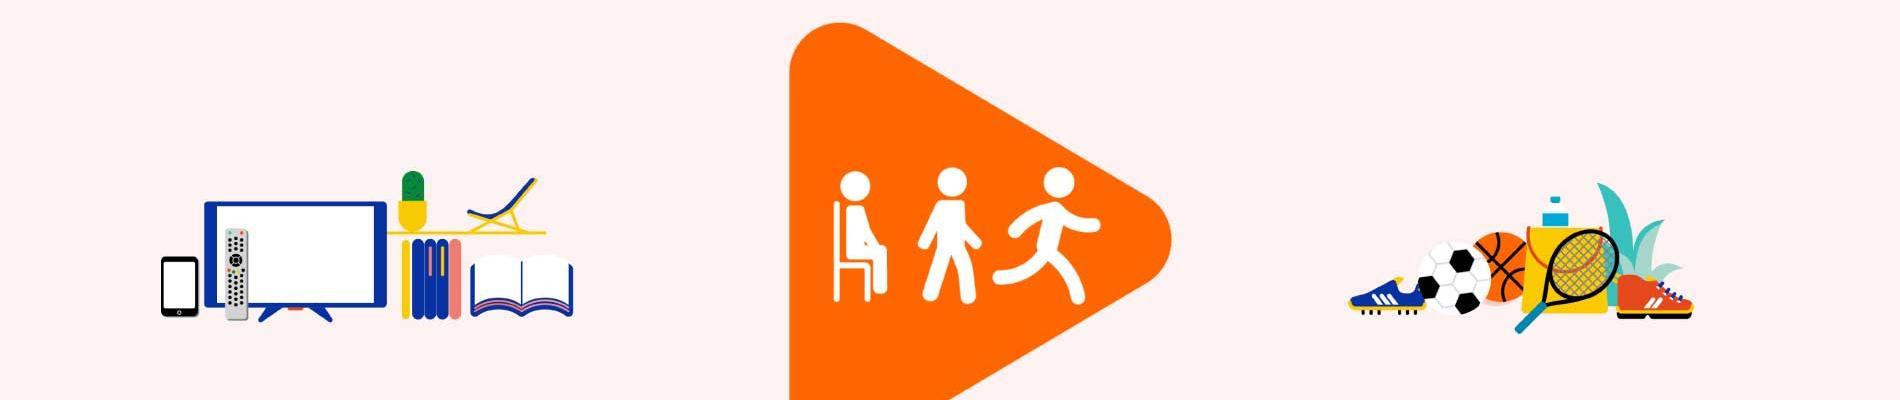 Sédentarité et activité physique en Europe : 72 % des Européens sous-estiment les risques de la sédentarité pour la santé